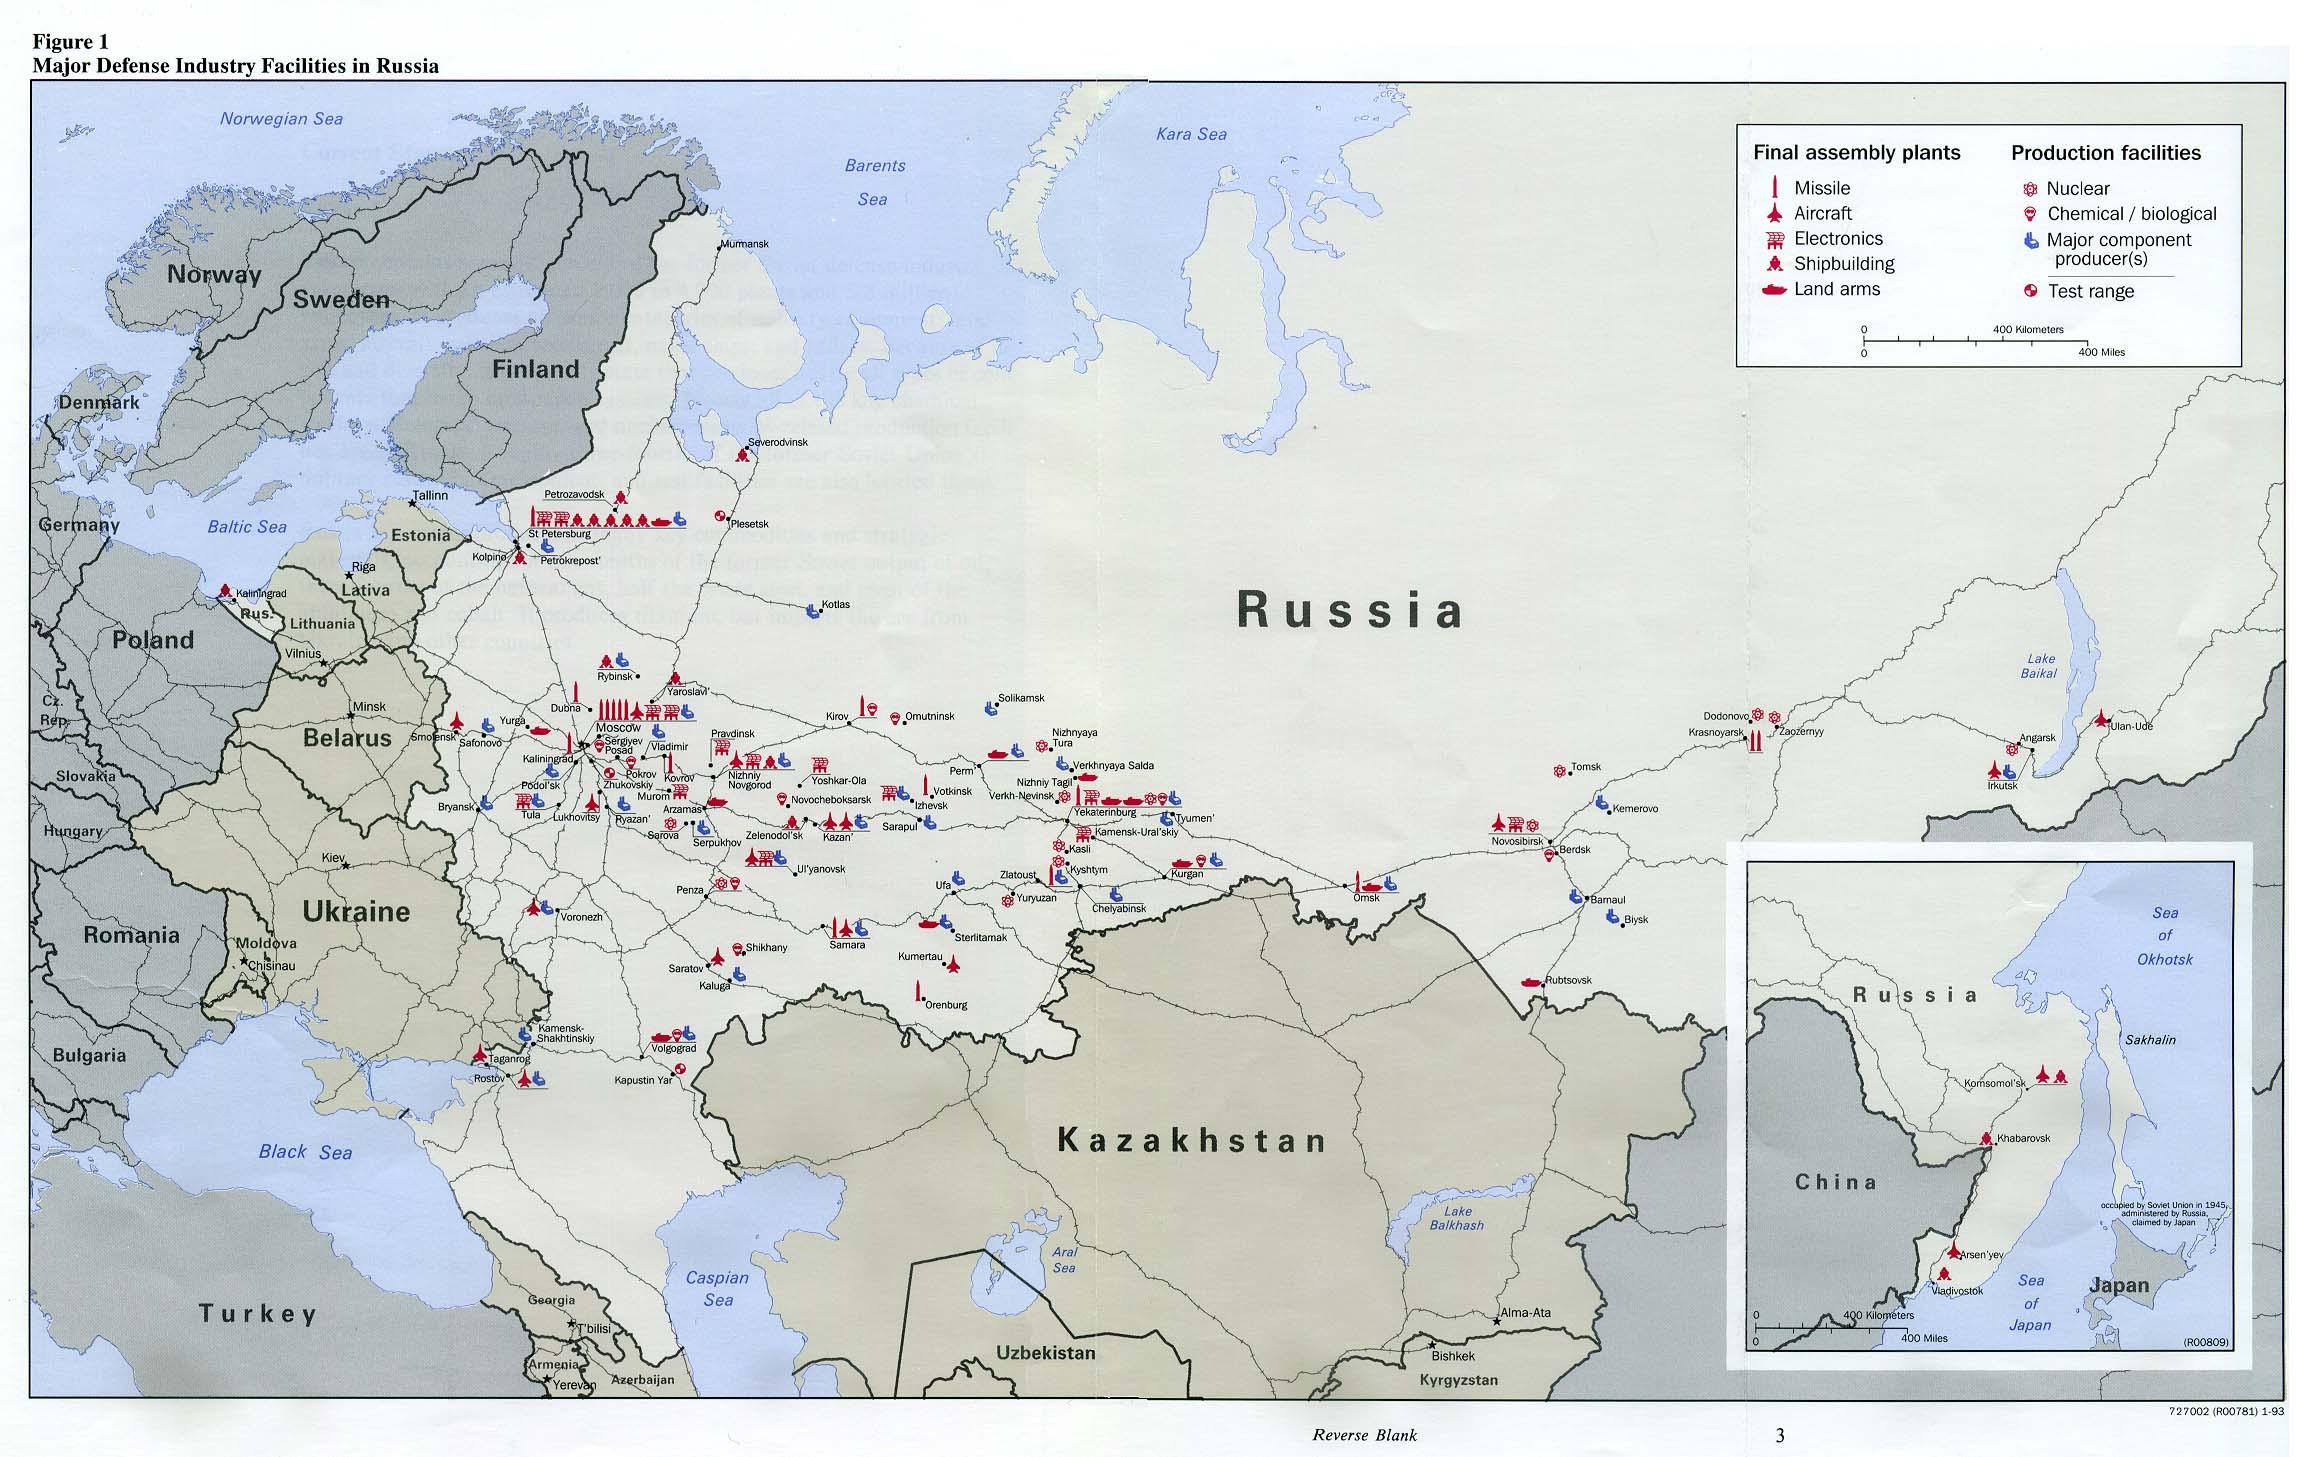 Mapa de las Principales Instalaciones de la Industria Defensa en Rusia